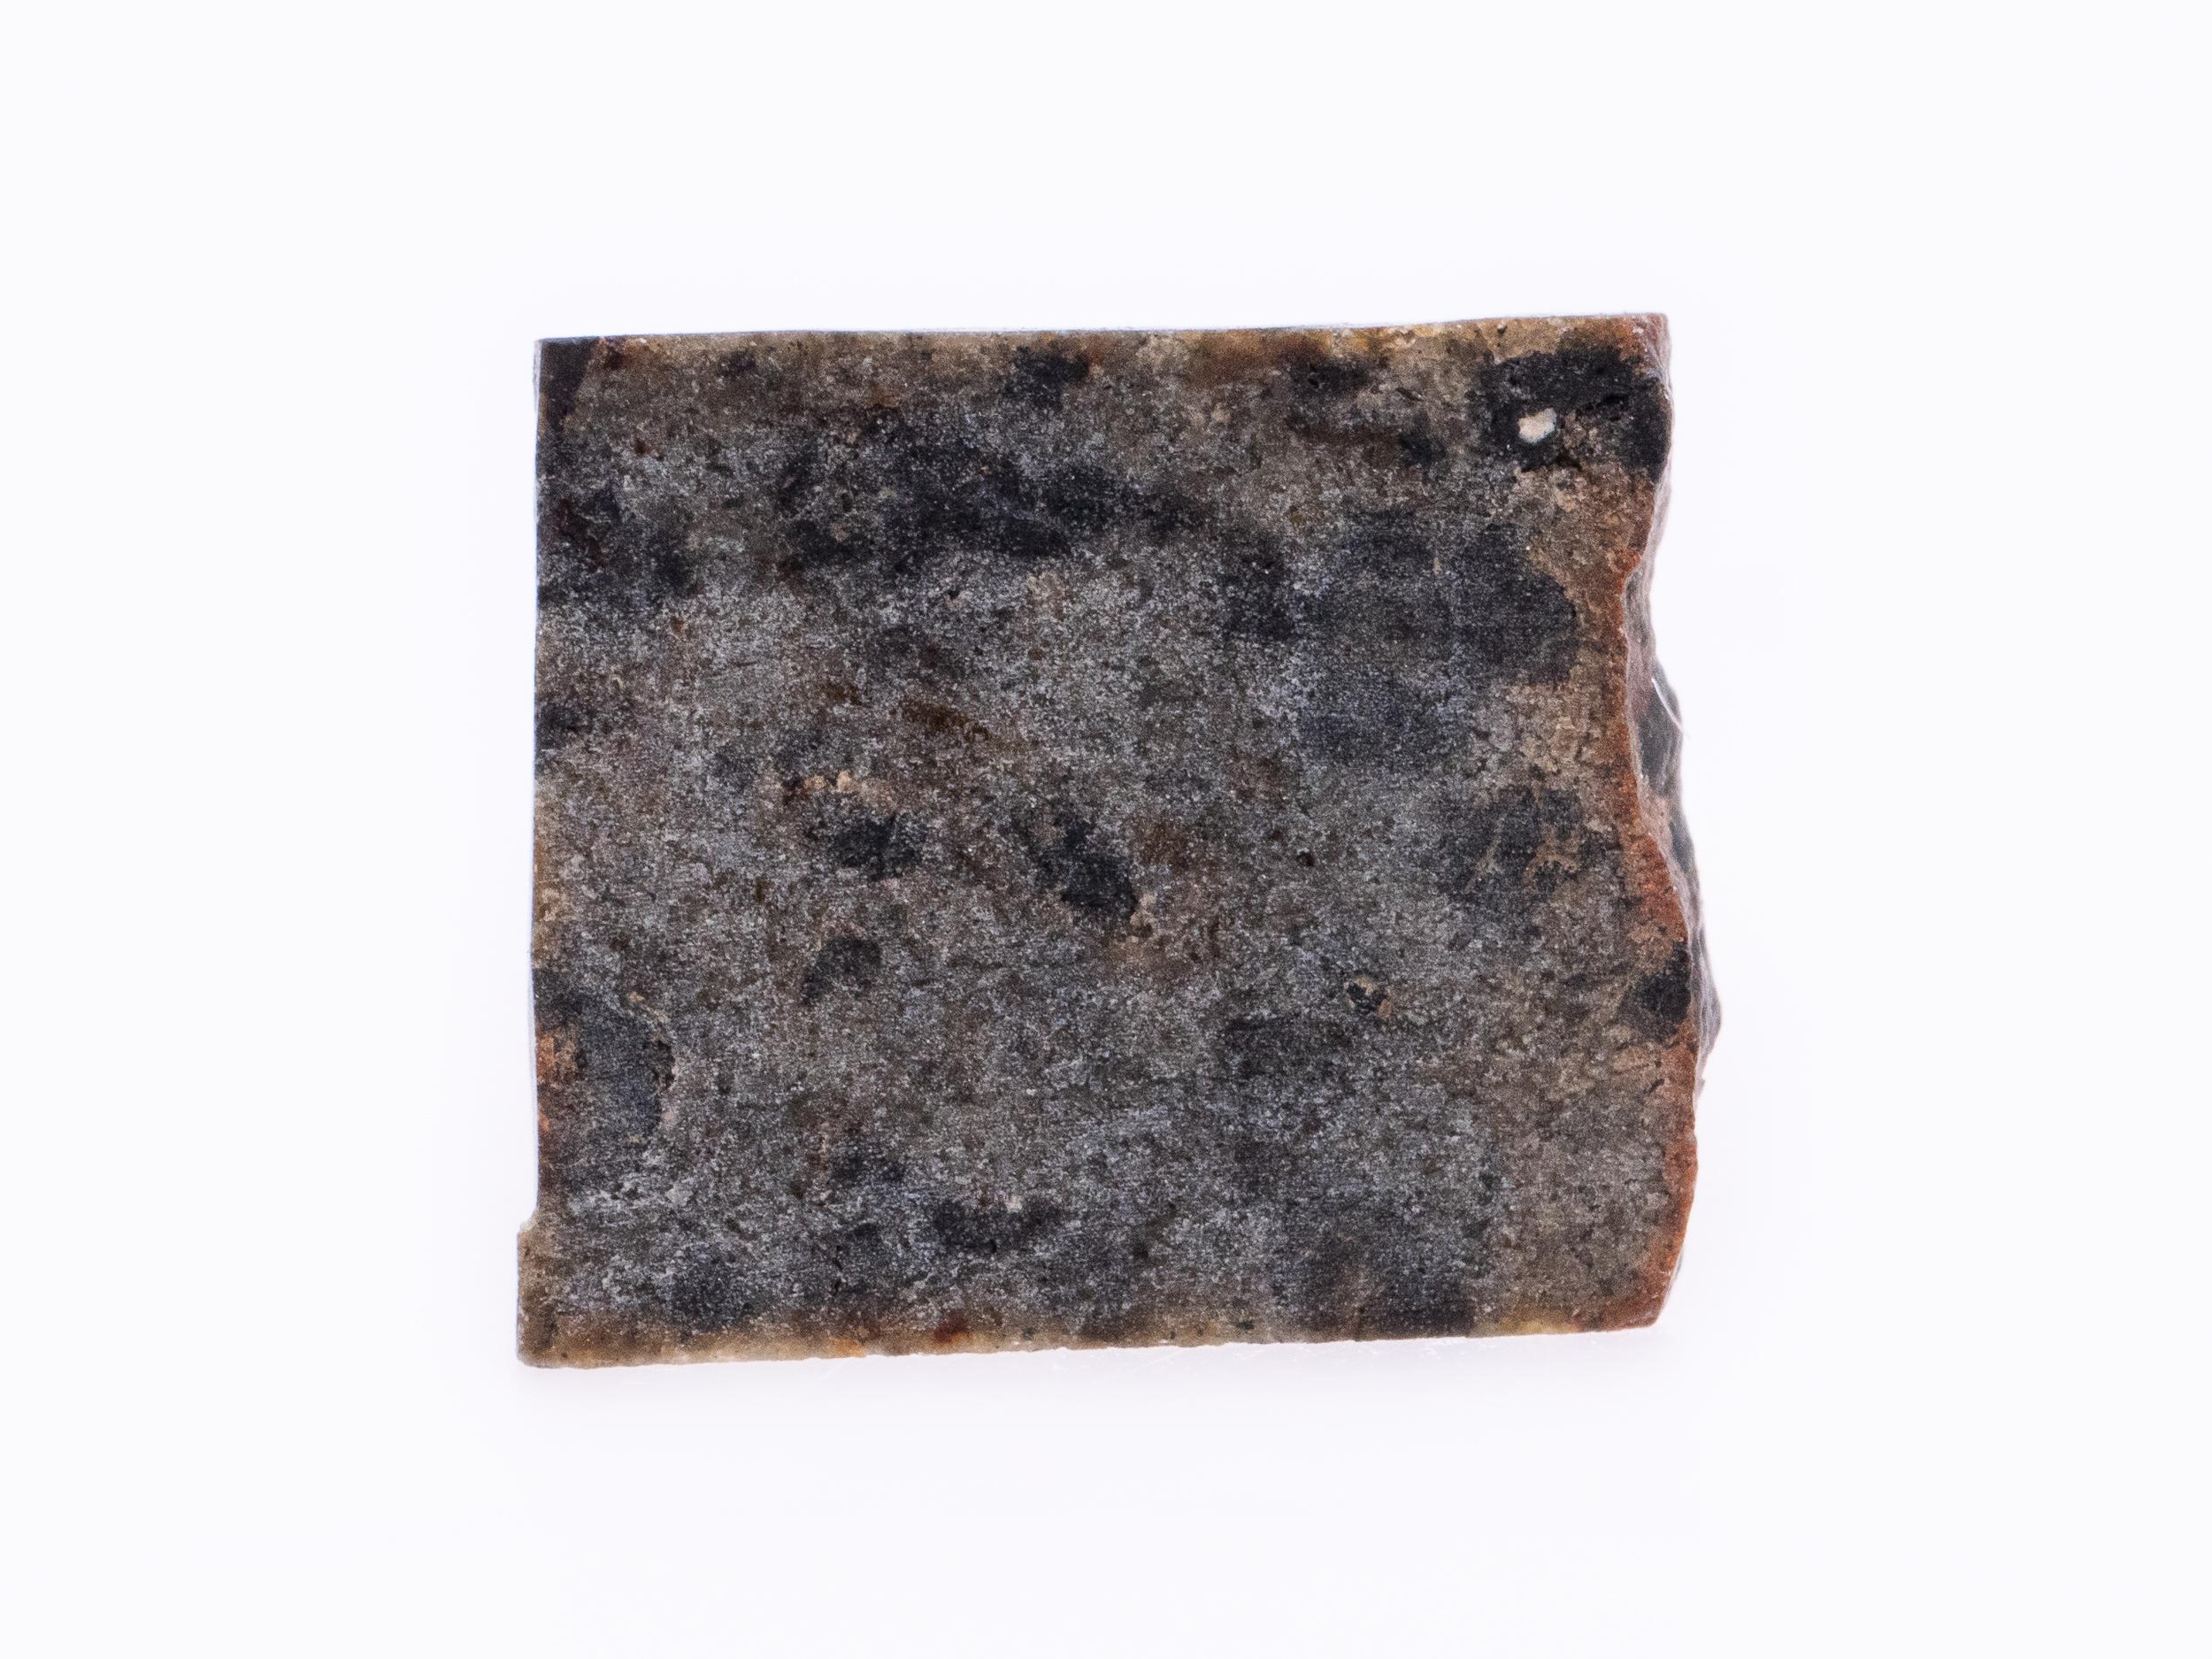 dag 476 mars meteorite